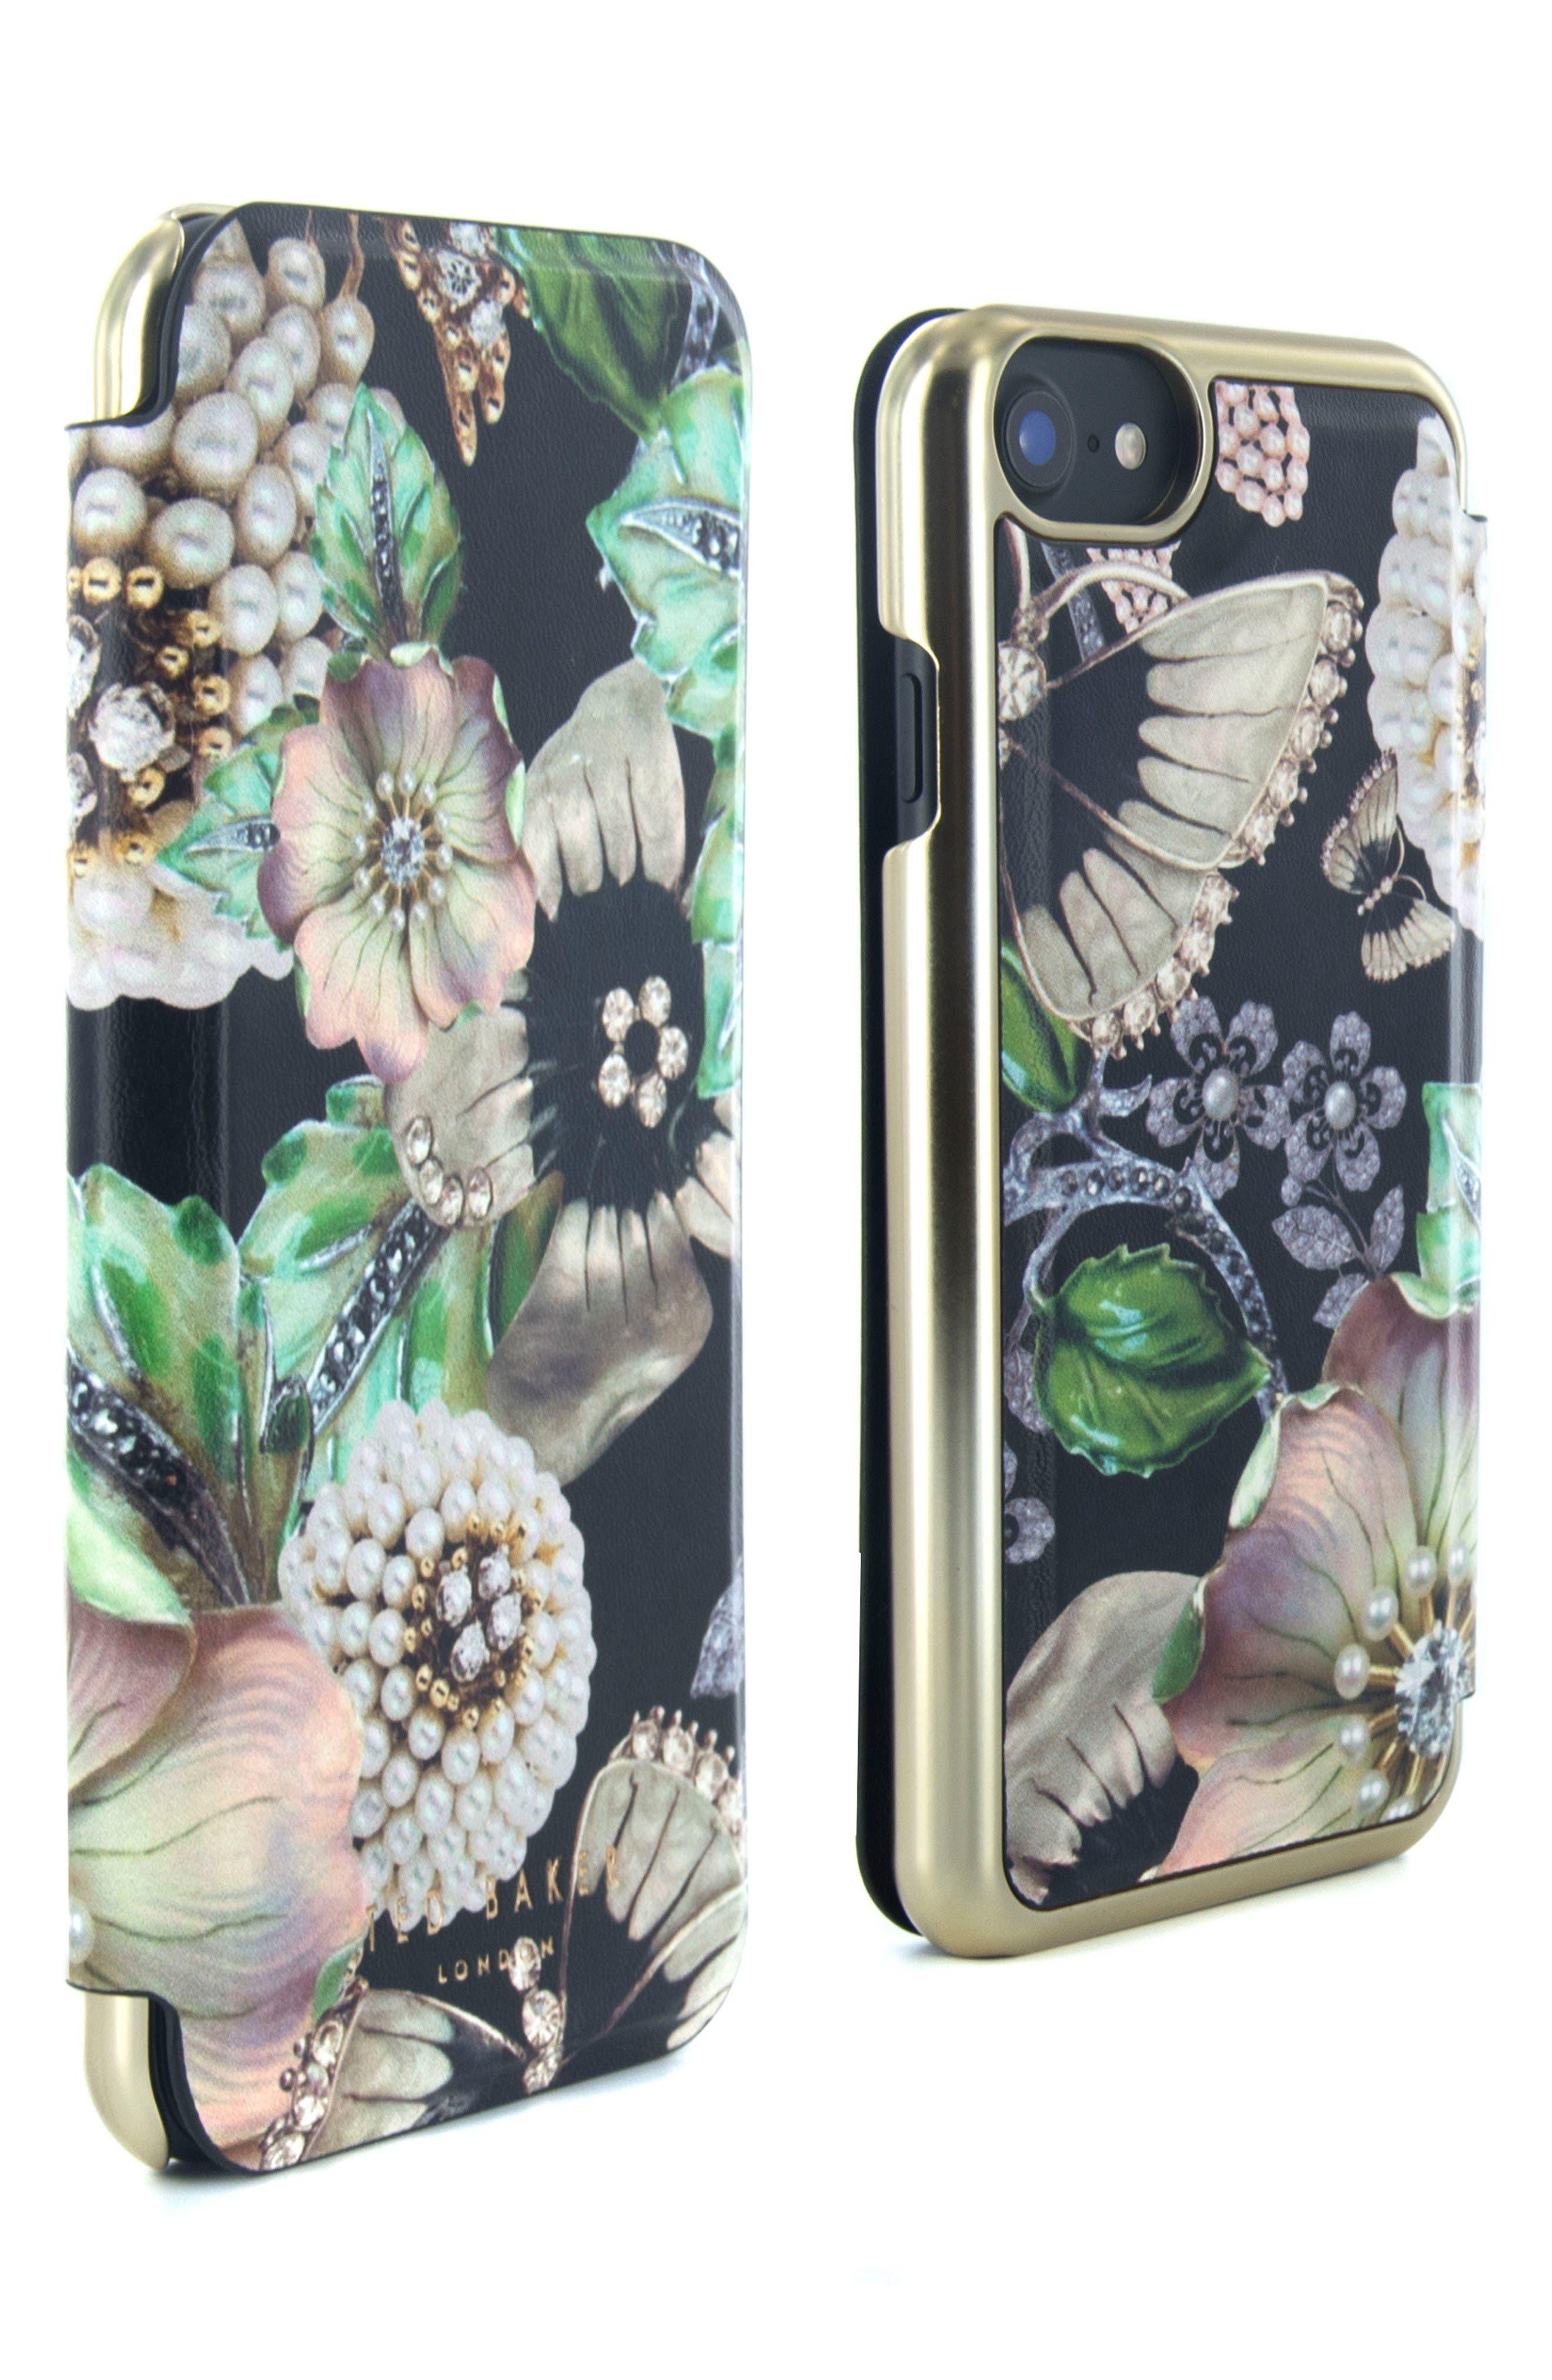 Clarna iPhone 6/6s/7/8 & 6/6s/7/8 Plus Mirror Folio Case,                             Alternate thumbnail 4, color,                             Multi